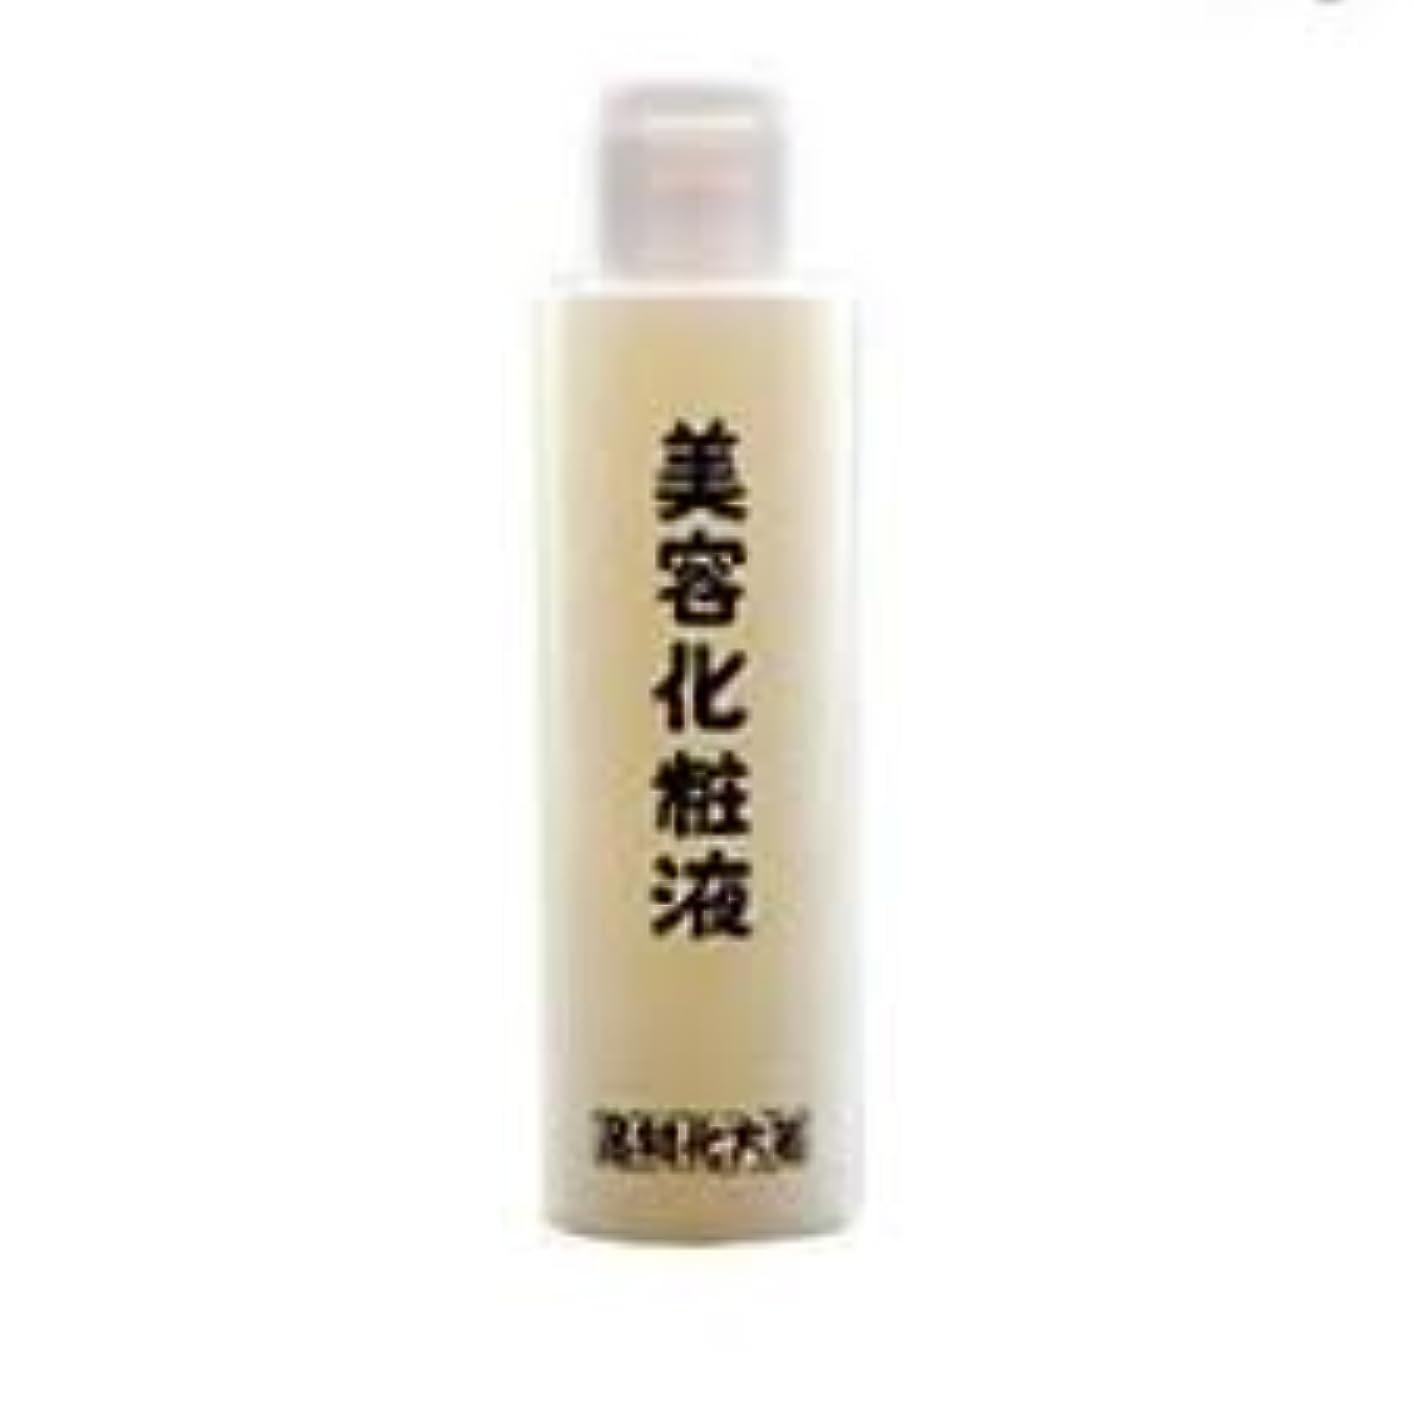 拮抗する指官僚箸方化粧品 美容化粧液 化粧水 120ml はしかた化粧品